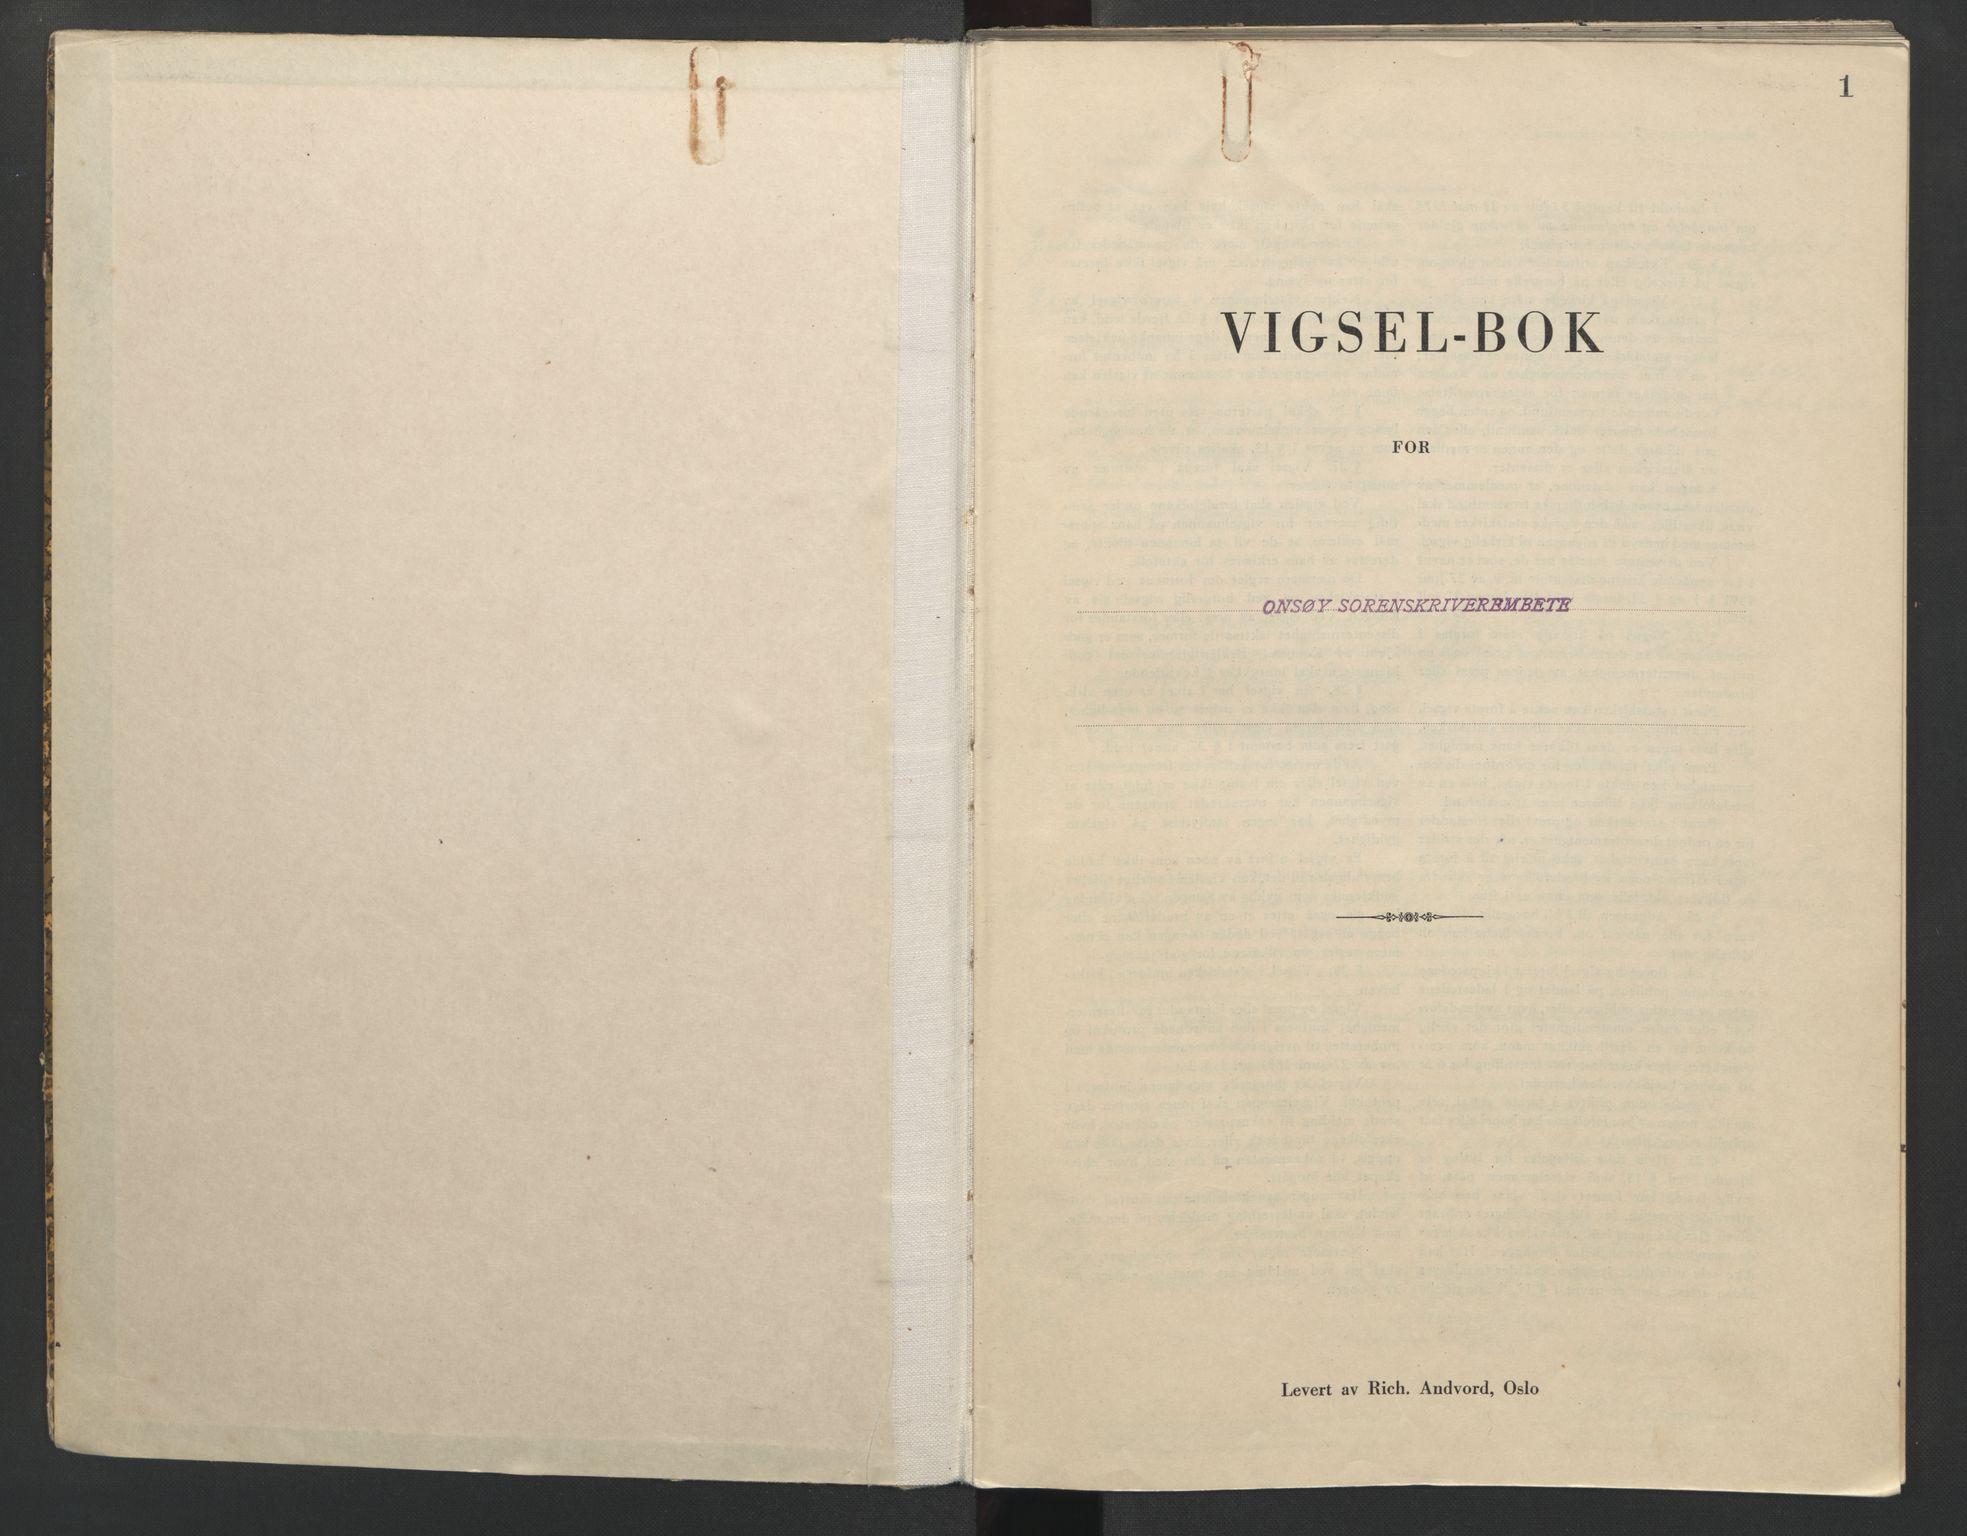 SAO, Onsøy sorenskriveri, L/La/L0003: Vigselsbok, 1943, s. 1